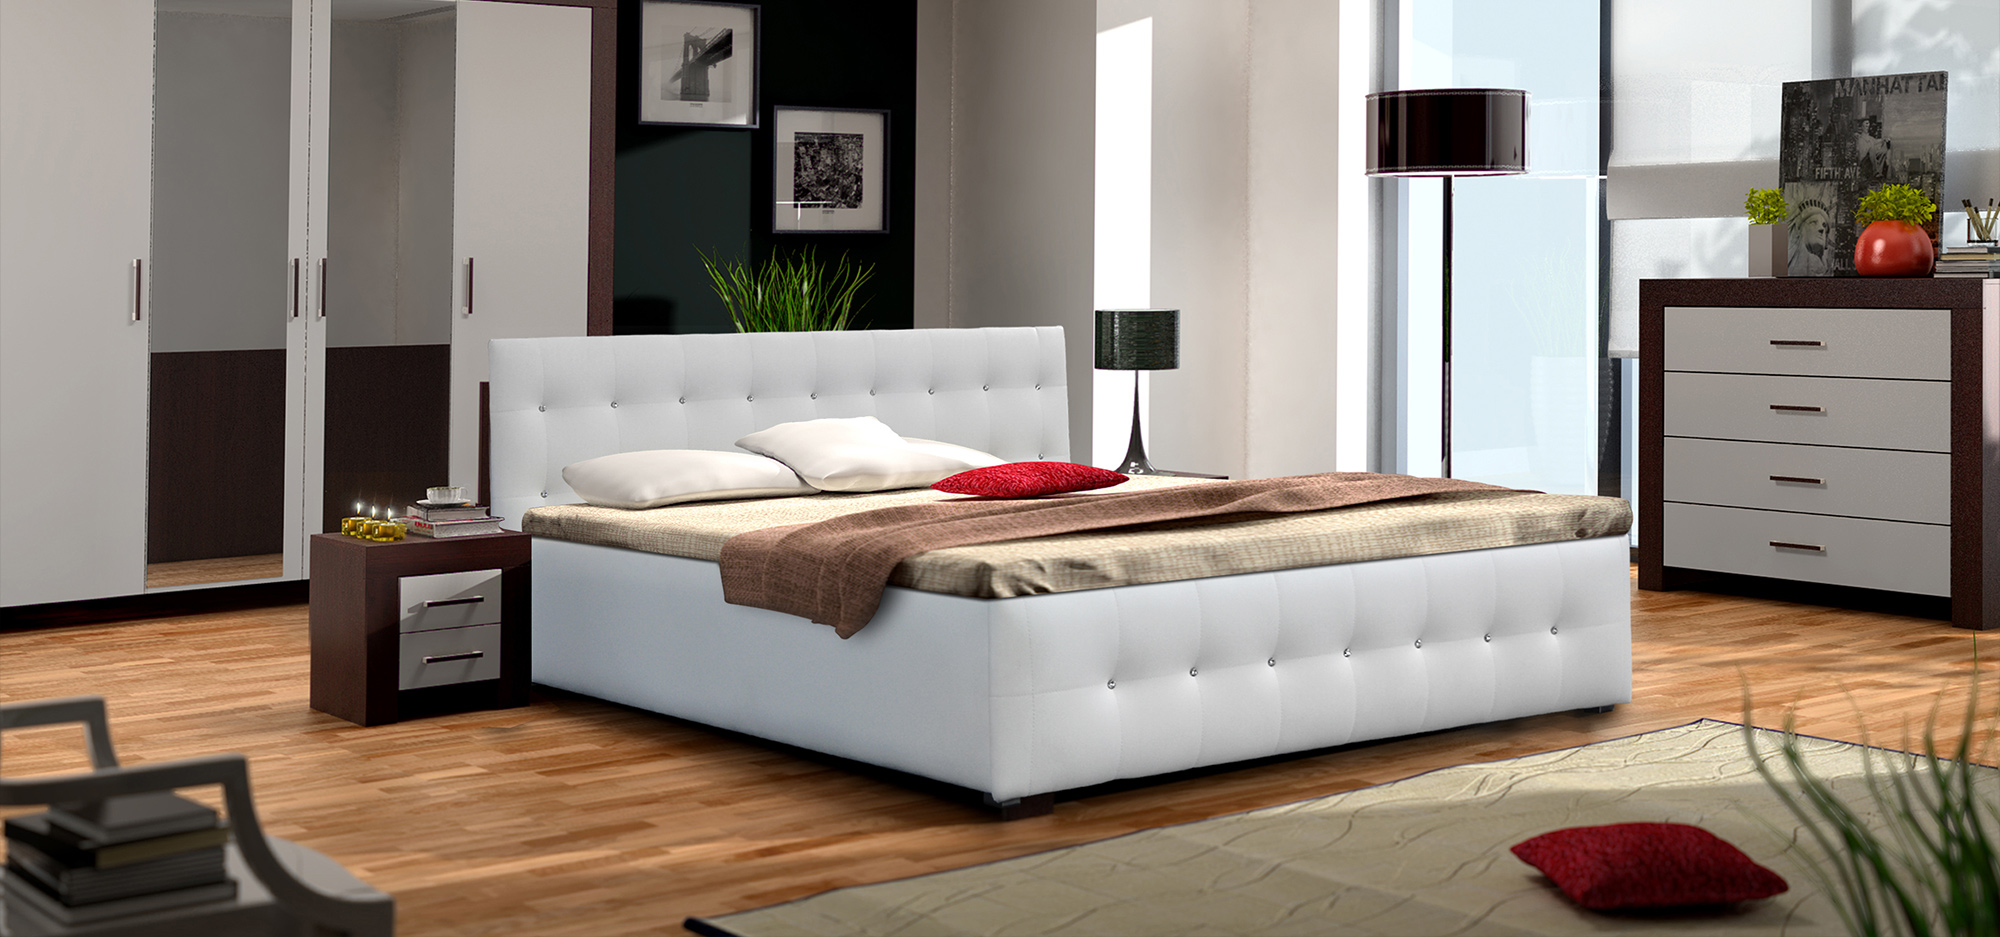 Möbel aus Polen günstig kaufen – Hersteller & Shops finden